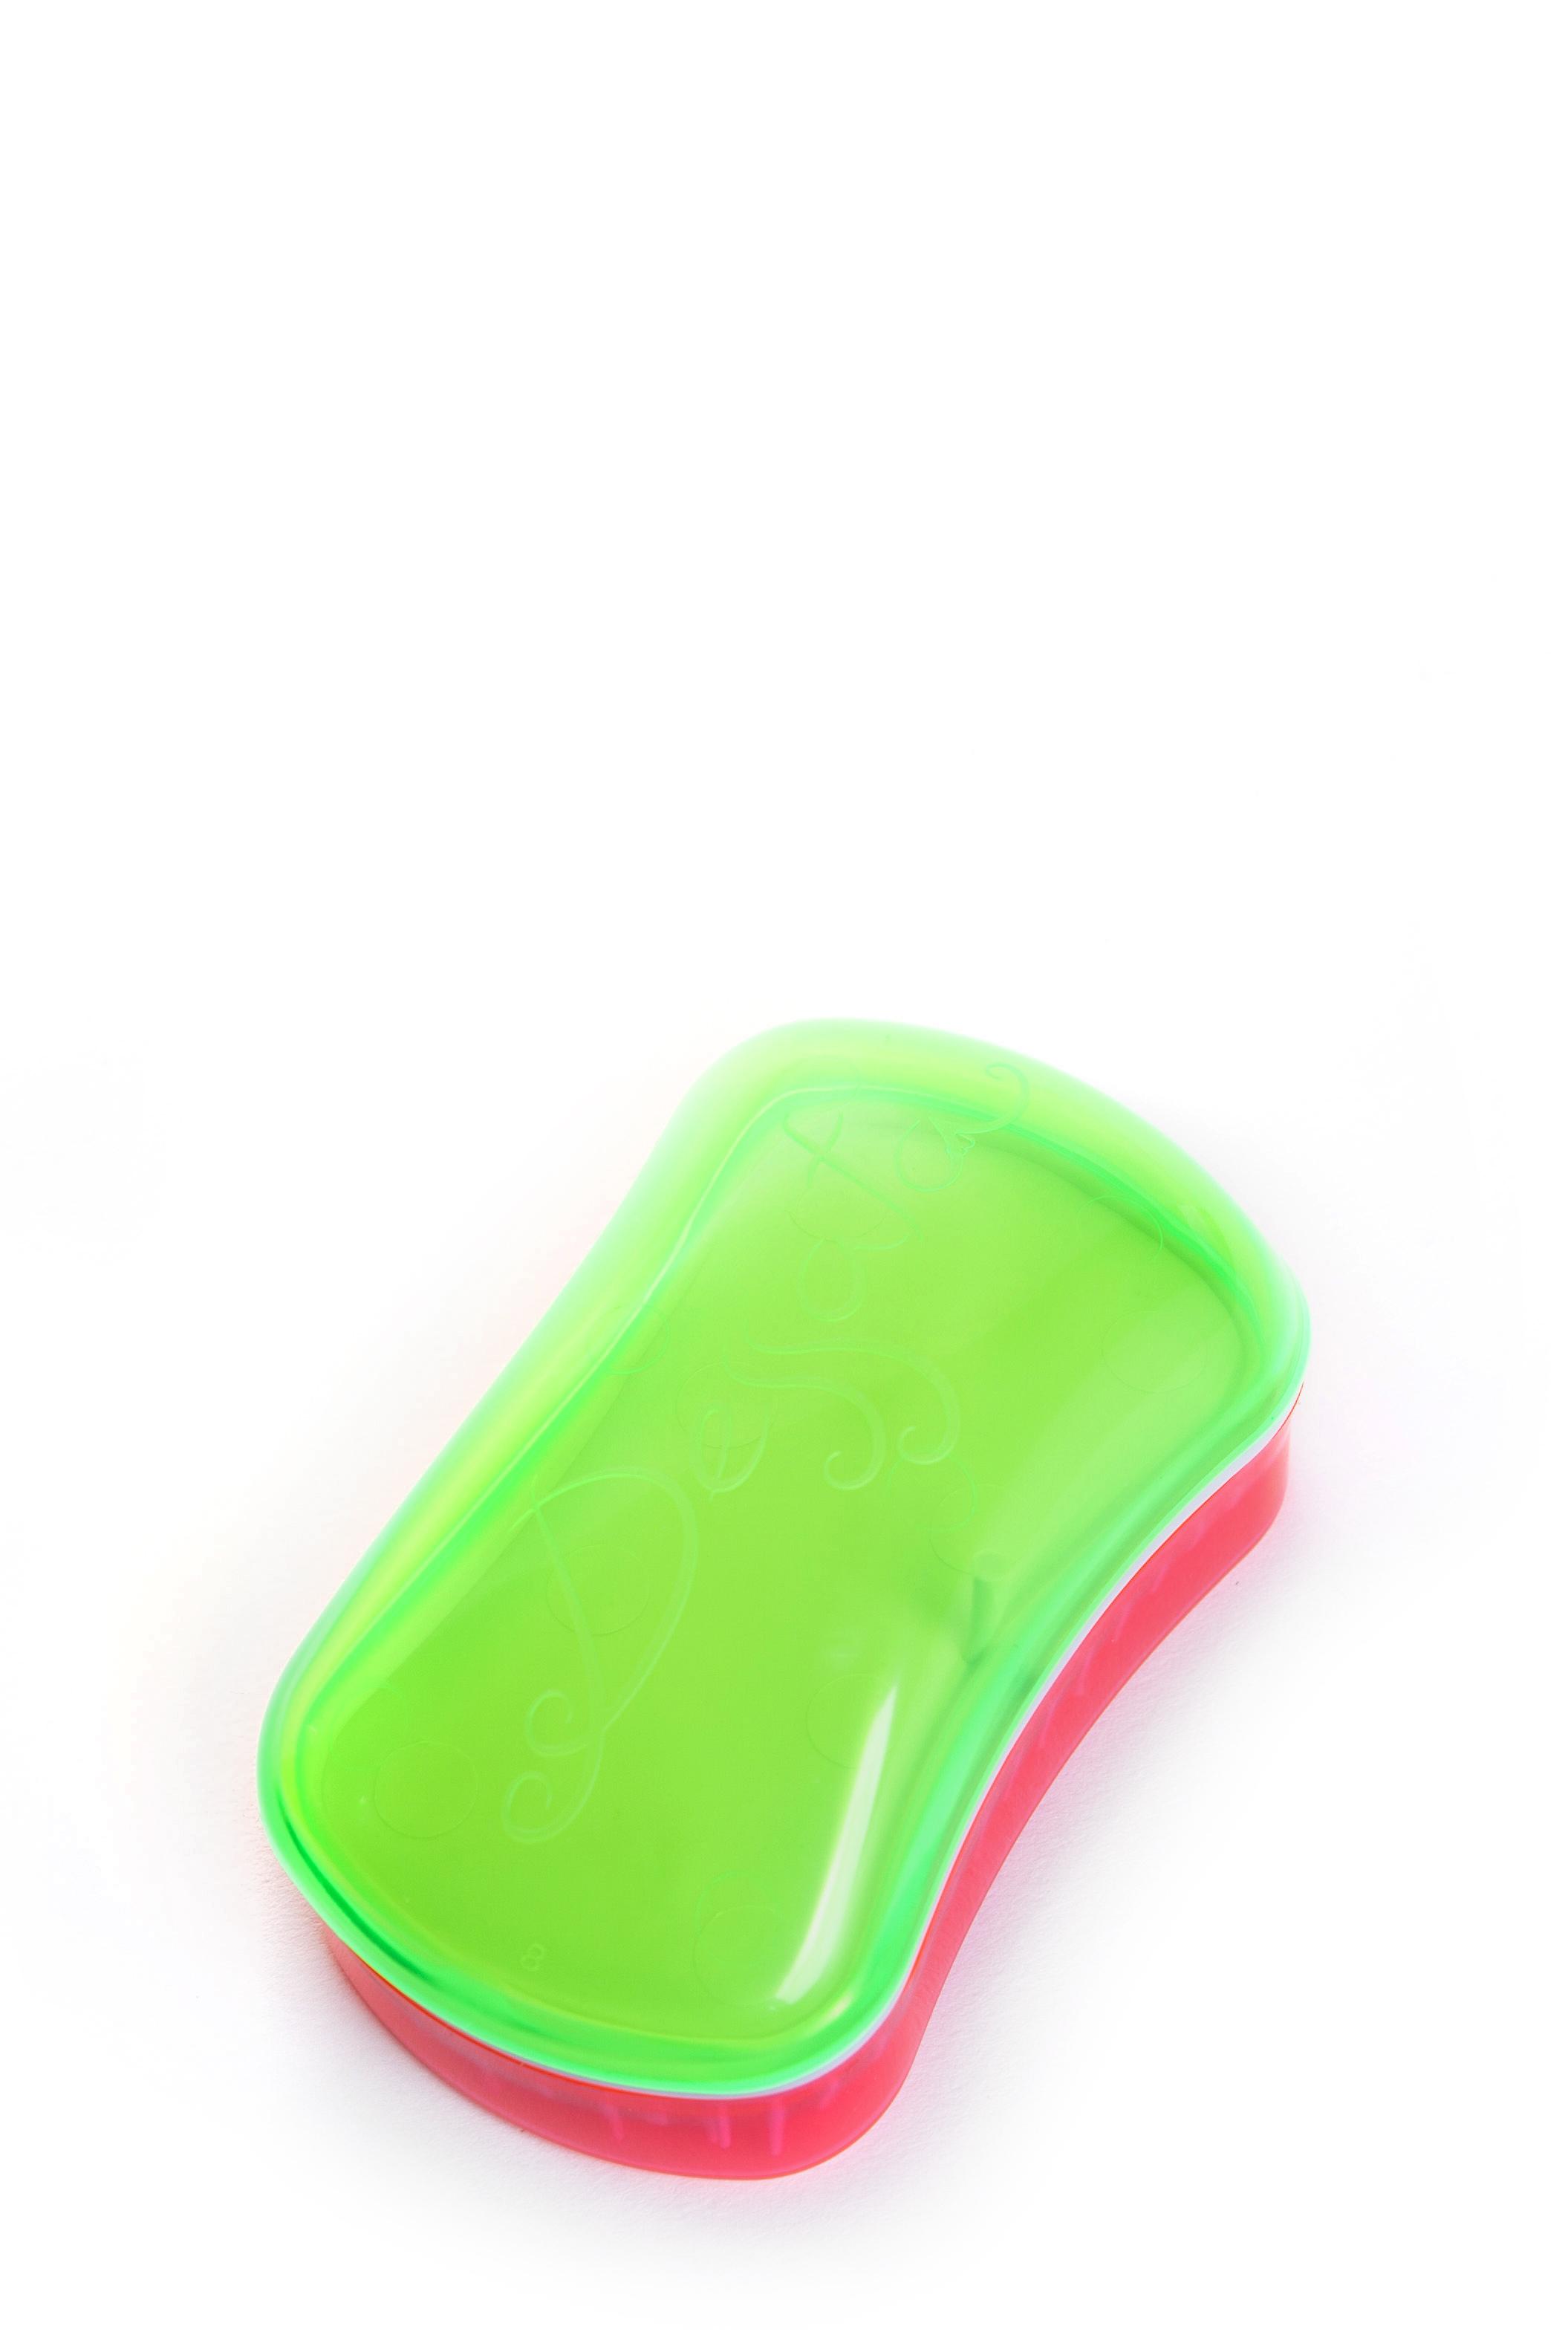 DESSATA Расческа для волос Dessata Mini Summer Lime-Fuchsia; с ароматом кокоса, Лайм-ФуксияРасчески<br>Расческа Dessata mini с ароматом кокоса быстро распутает волосы, нет необходимости использовать дополнительные средства. Не тянет и не рвет волосы. Подходит для всех типов волос: тонких, густых и вьющихся. 237 зубчика имеют три уровня высоты, что позволяет лучше прочесывать волосы, а если возникает натяжение, они легко сгибаются. Эргономичный дизайн расчески без ручки, позволяет удобно разместить ее в руке, ее форма повторяет форму головы. Благодаря соему идеальному размеру расческу можно везде носить с собой. Материал: гипоаллергенный пластик.<br><br>Типы волос: Для всех типов